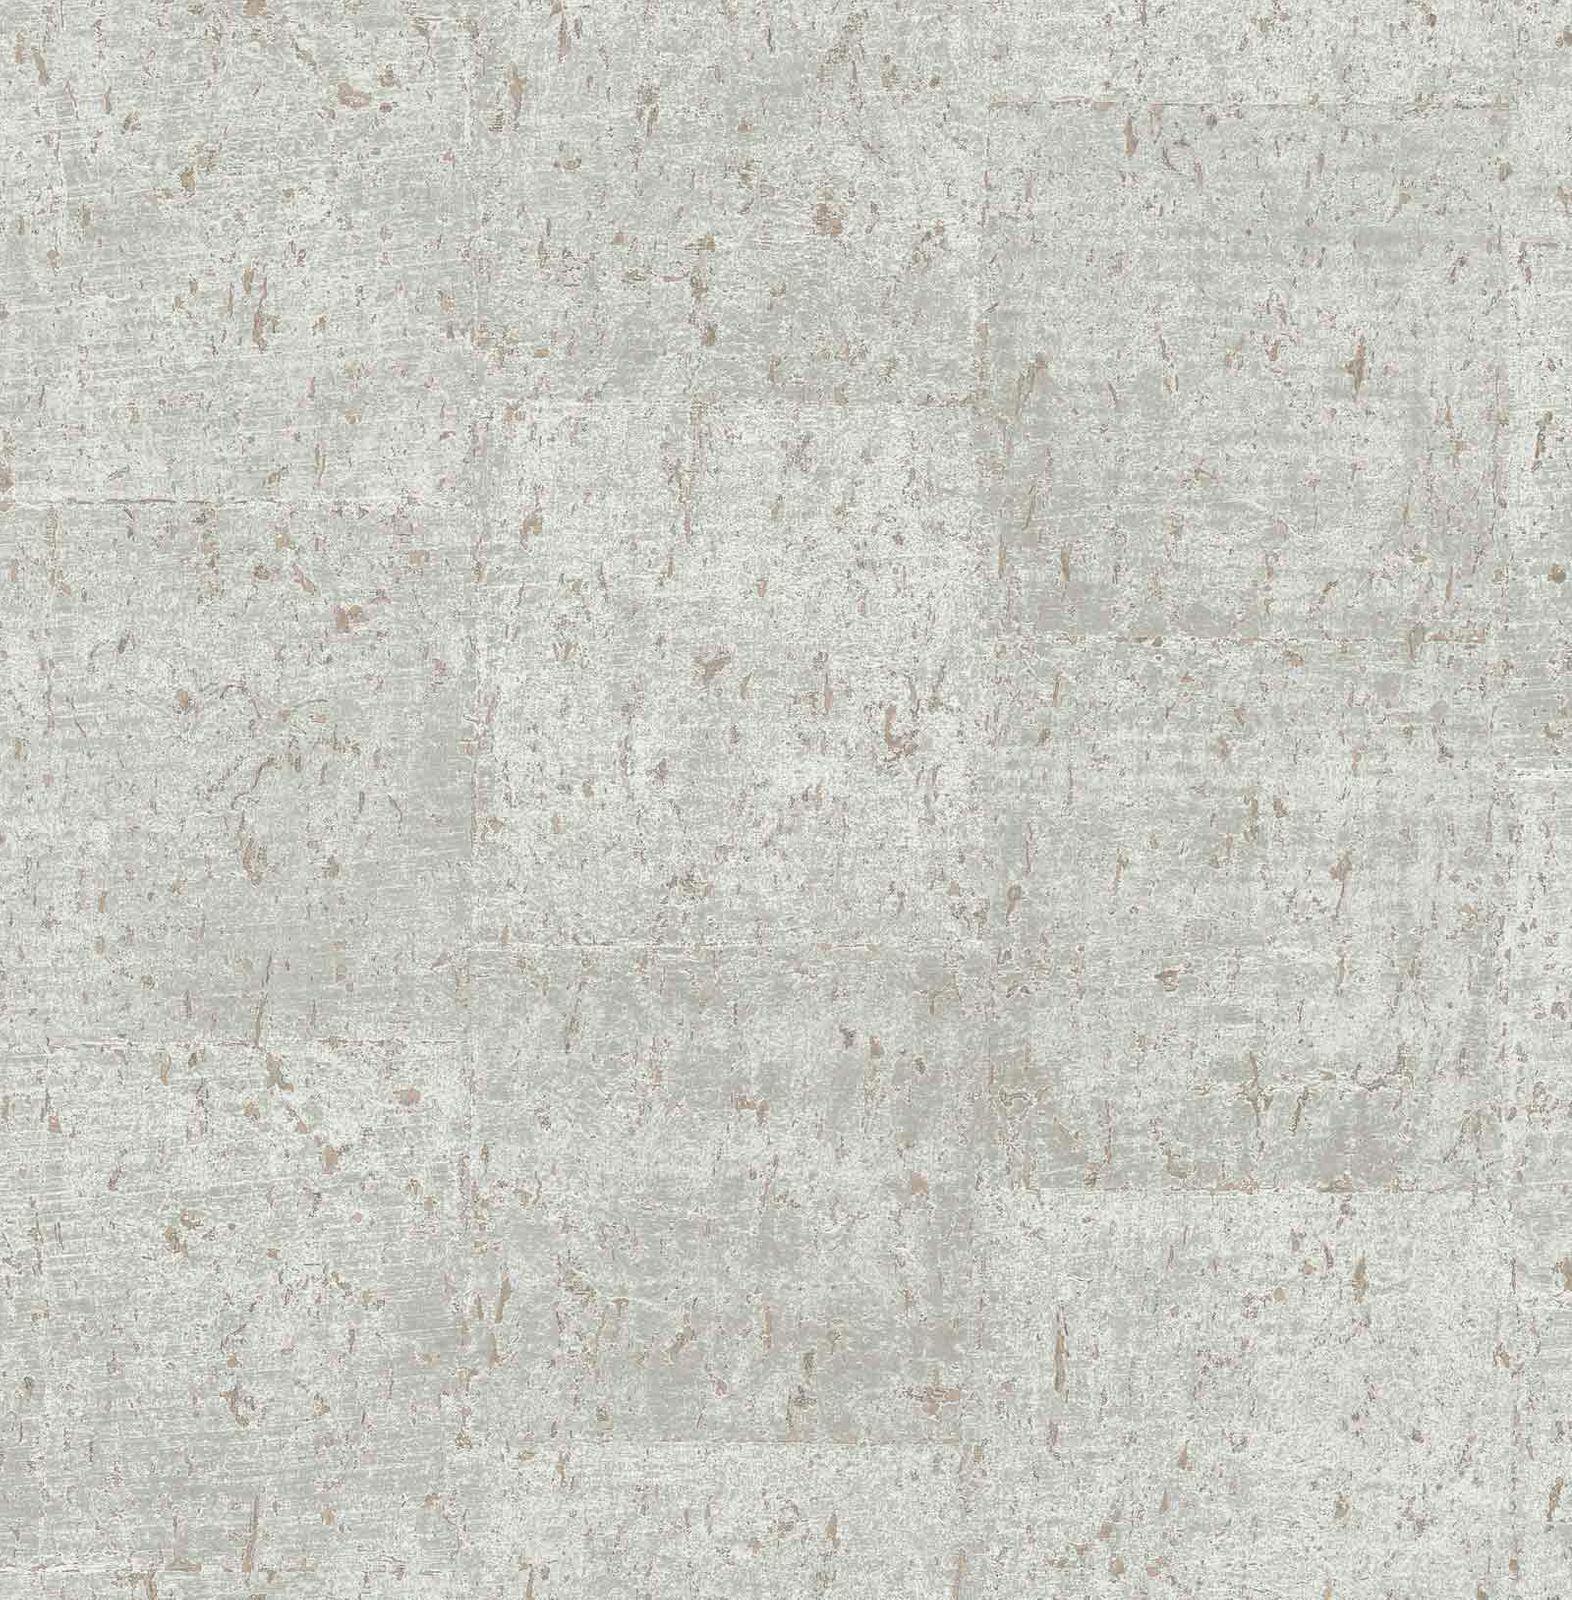 Vliestapete Kork meliert grau rotbraun Glanz Rasch Textil 124950 (  1qm)